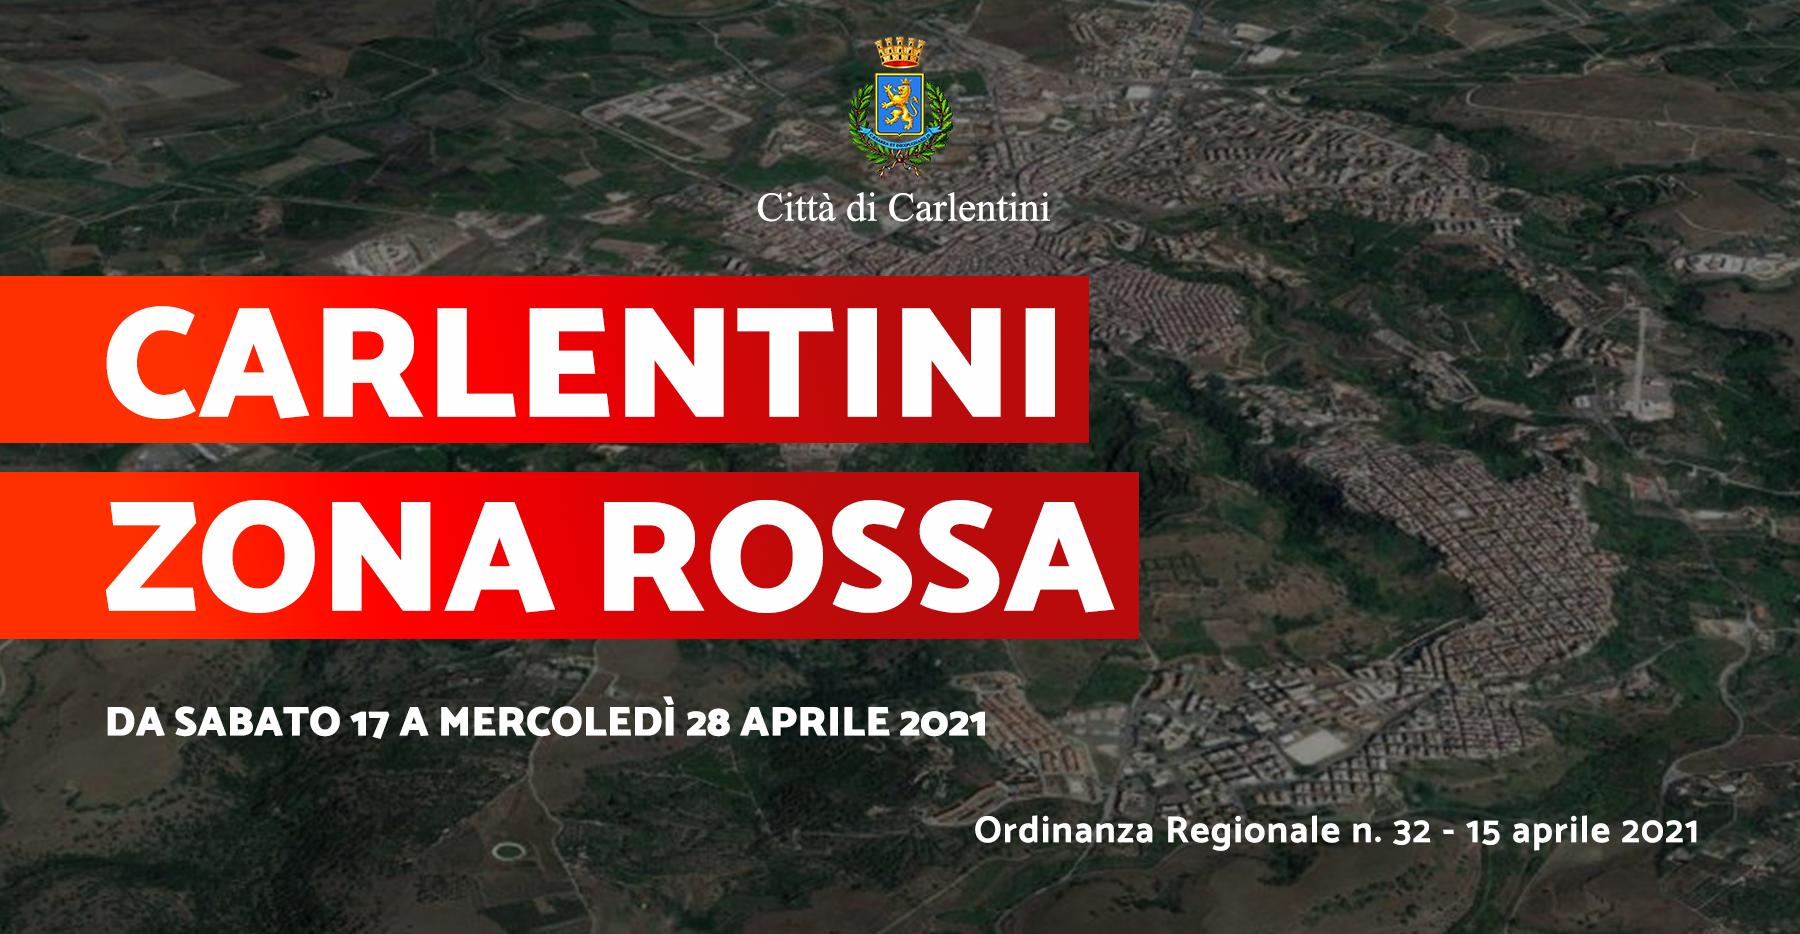 """Carlentini """"Zona Rossa"""": Ordinanza contingibile e urgente n. 32 del 15 aprile 2021."""